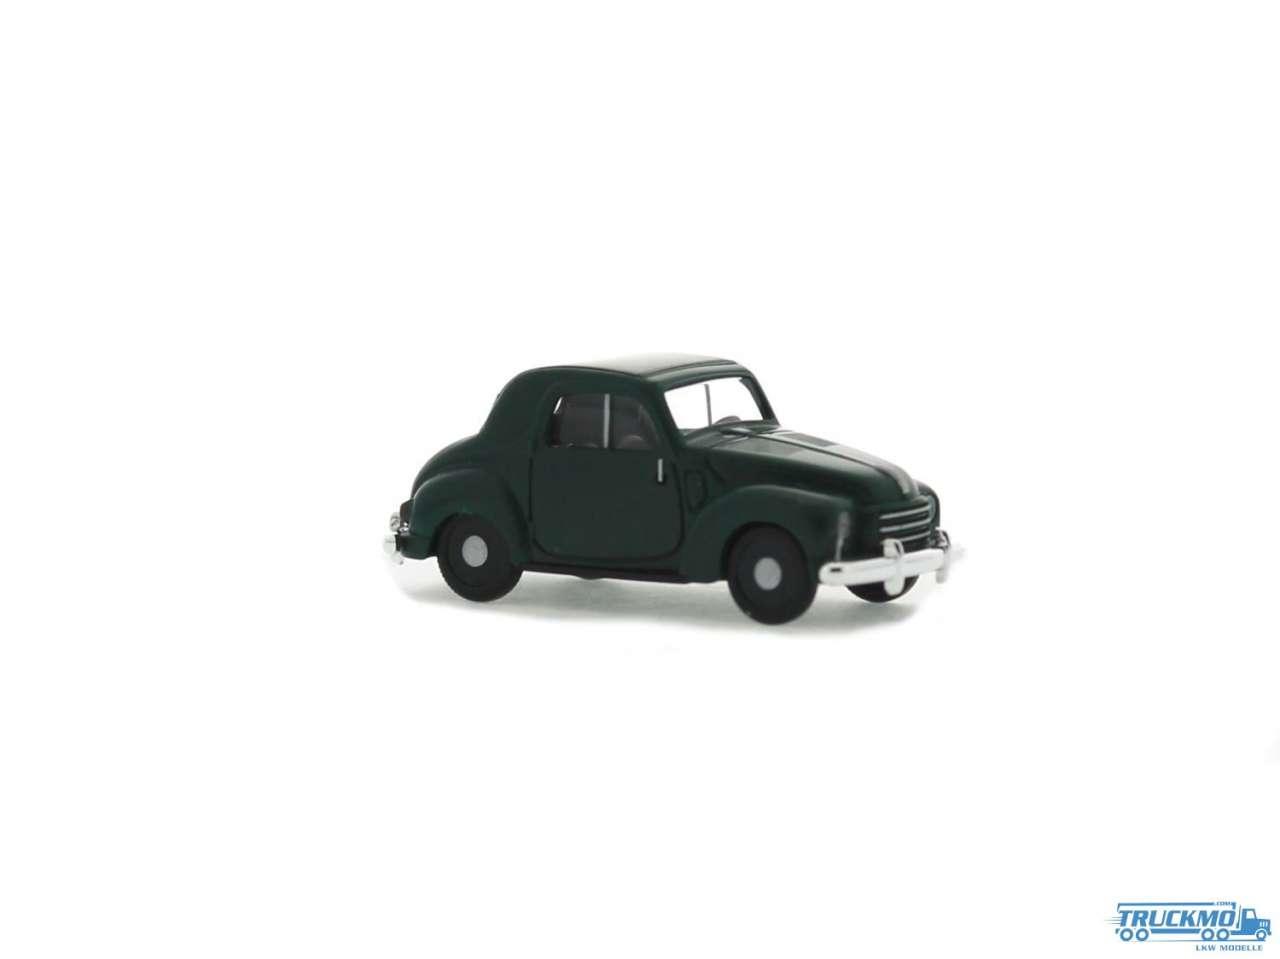 Rietze Fiat 500 C Topolino Limousine grün 83101